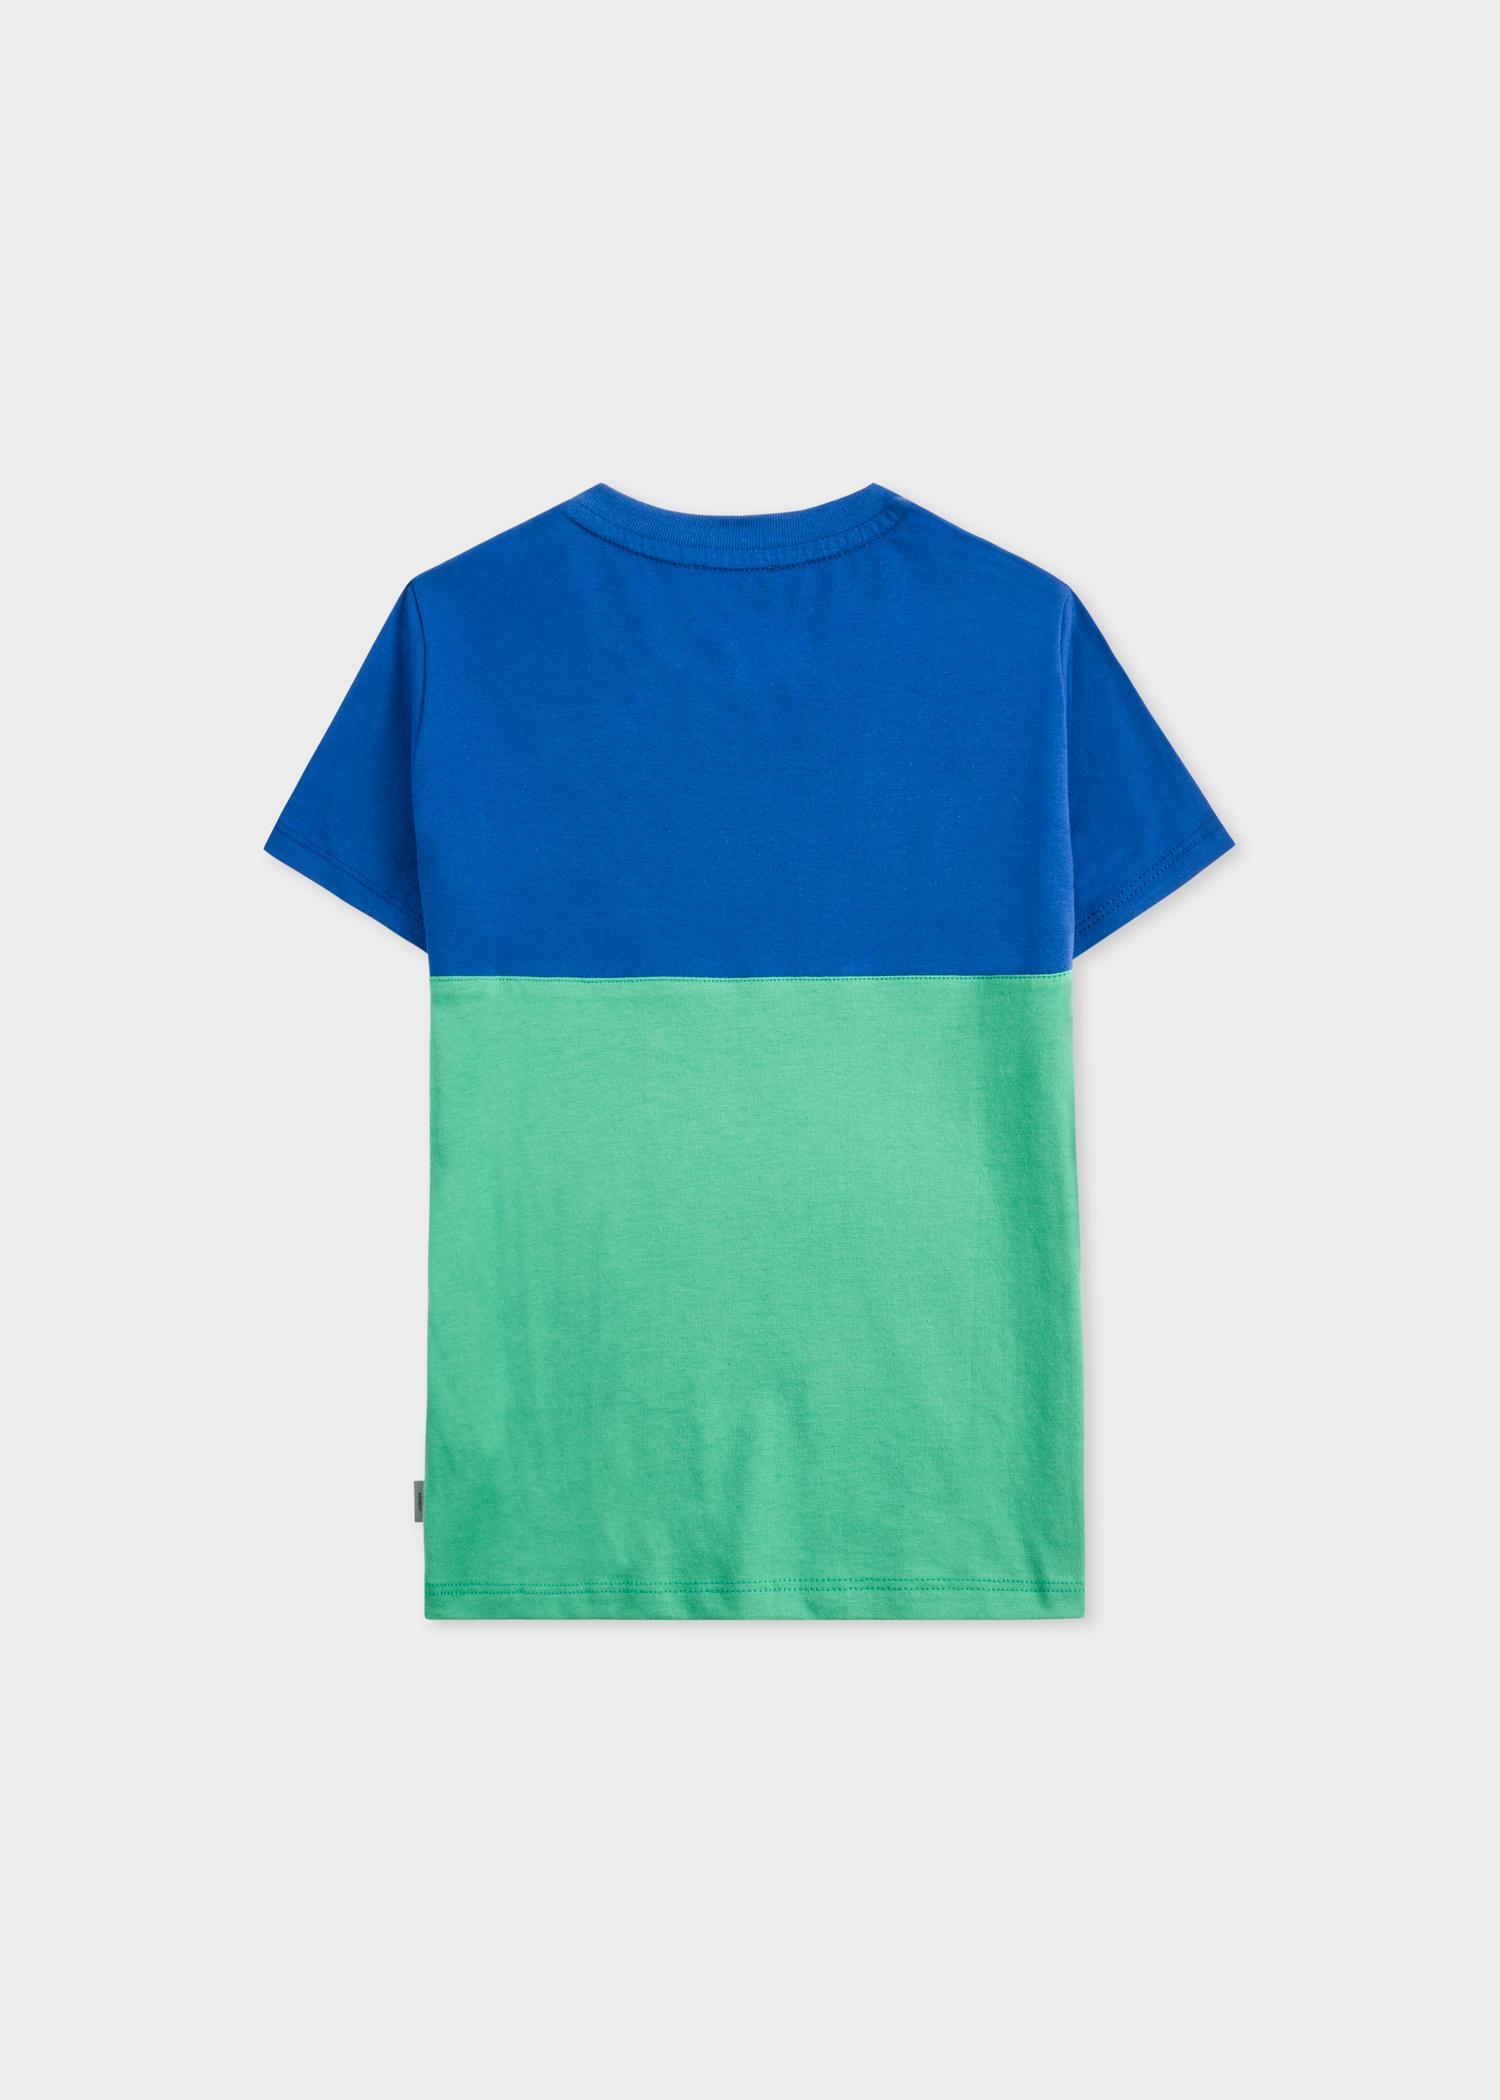 5b70be04 Boys' 2-16 Years Indigo and Green 'Neon Zebra' Print T-Shirt - Paul ...